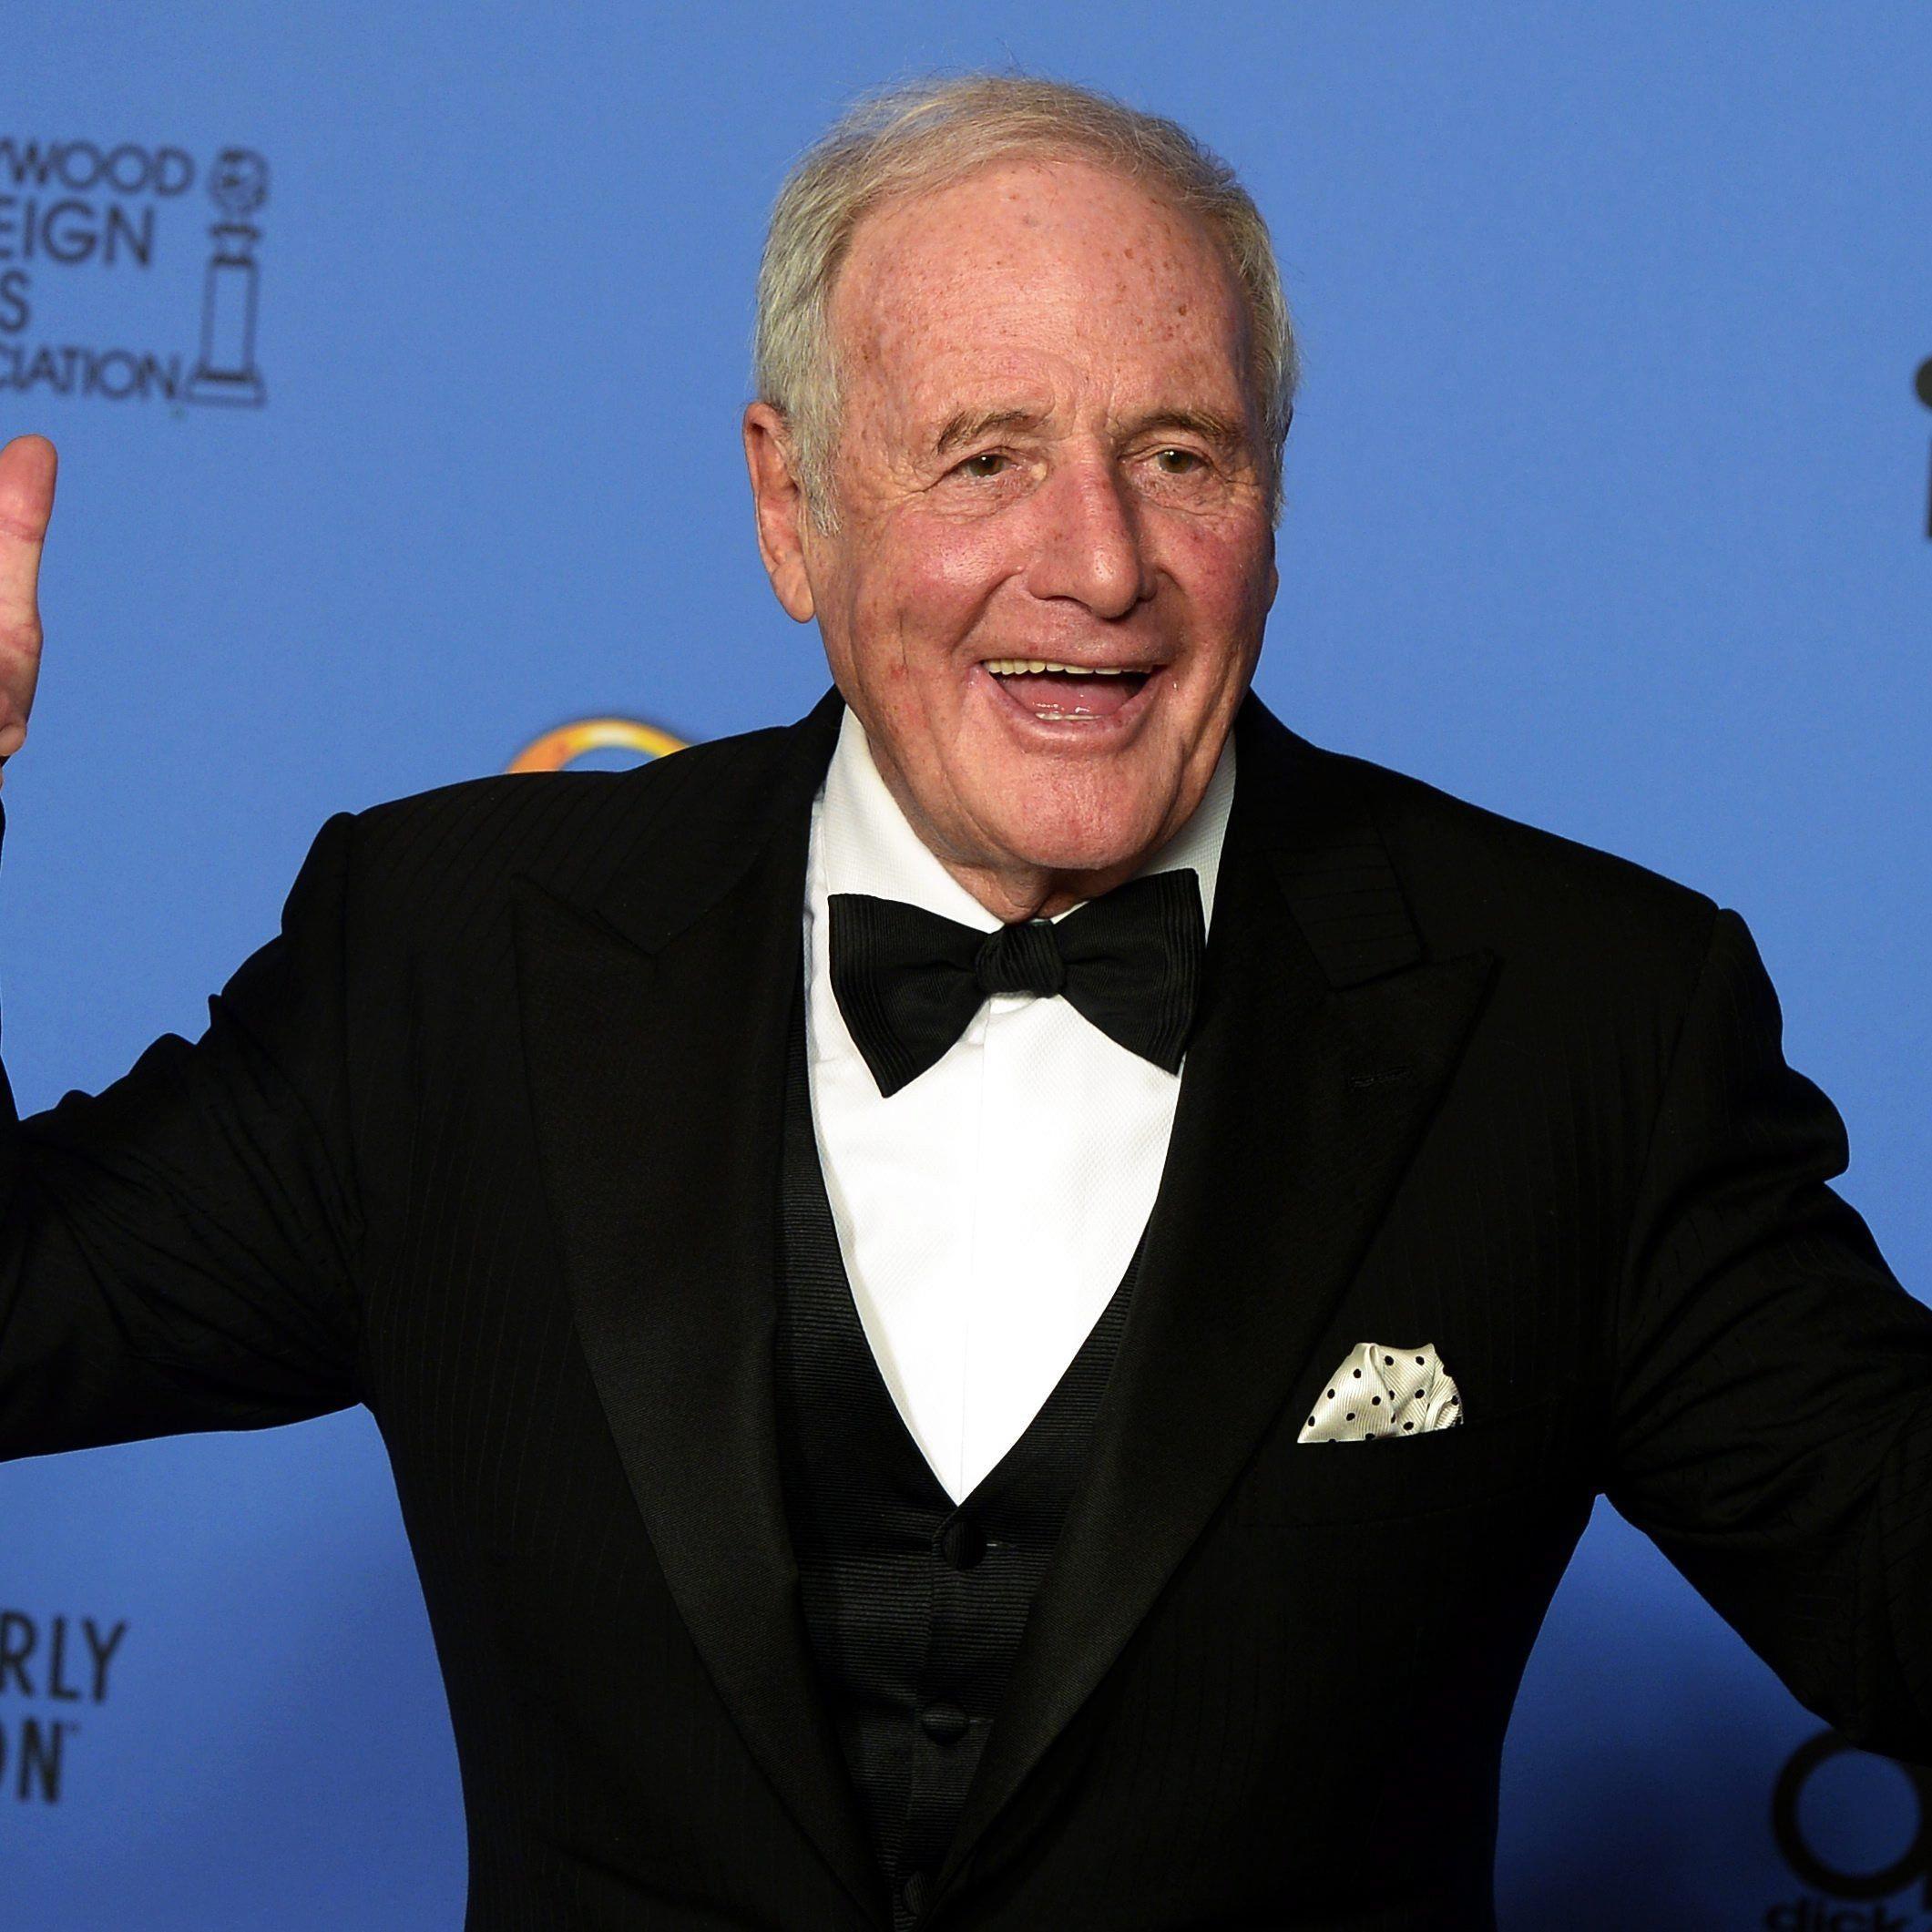 Hollywoodproduzent im Alter von 77 Jahren verstorben.